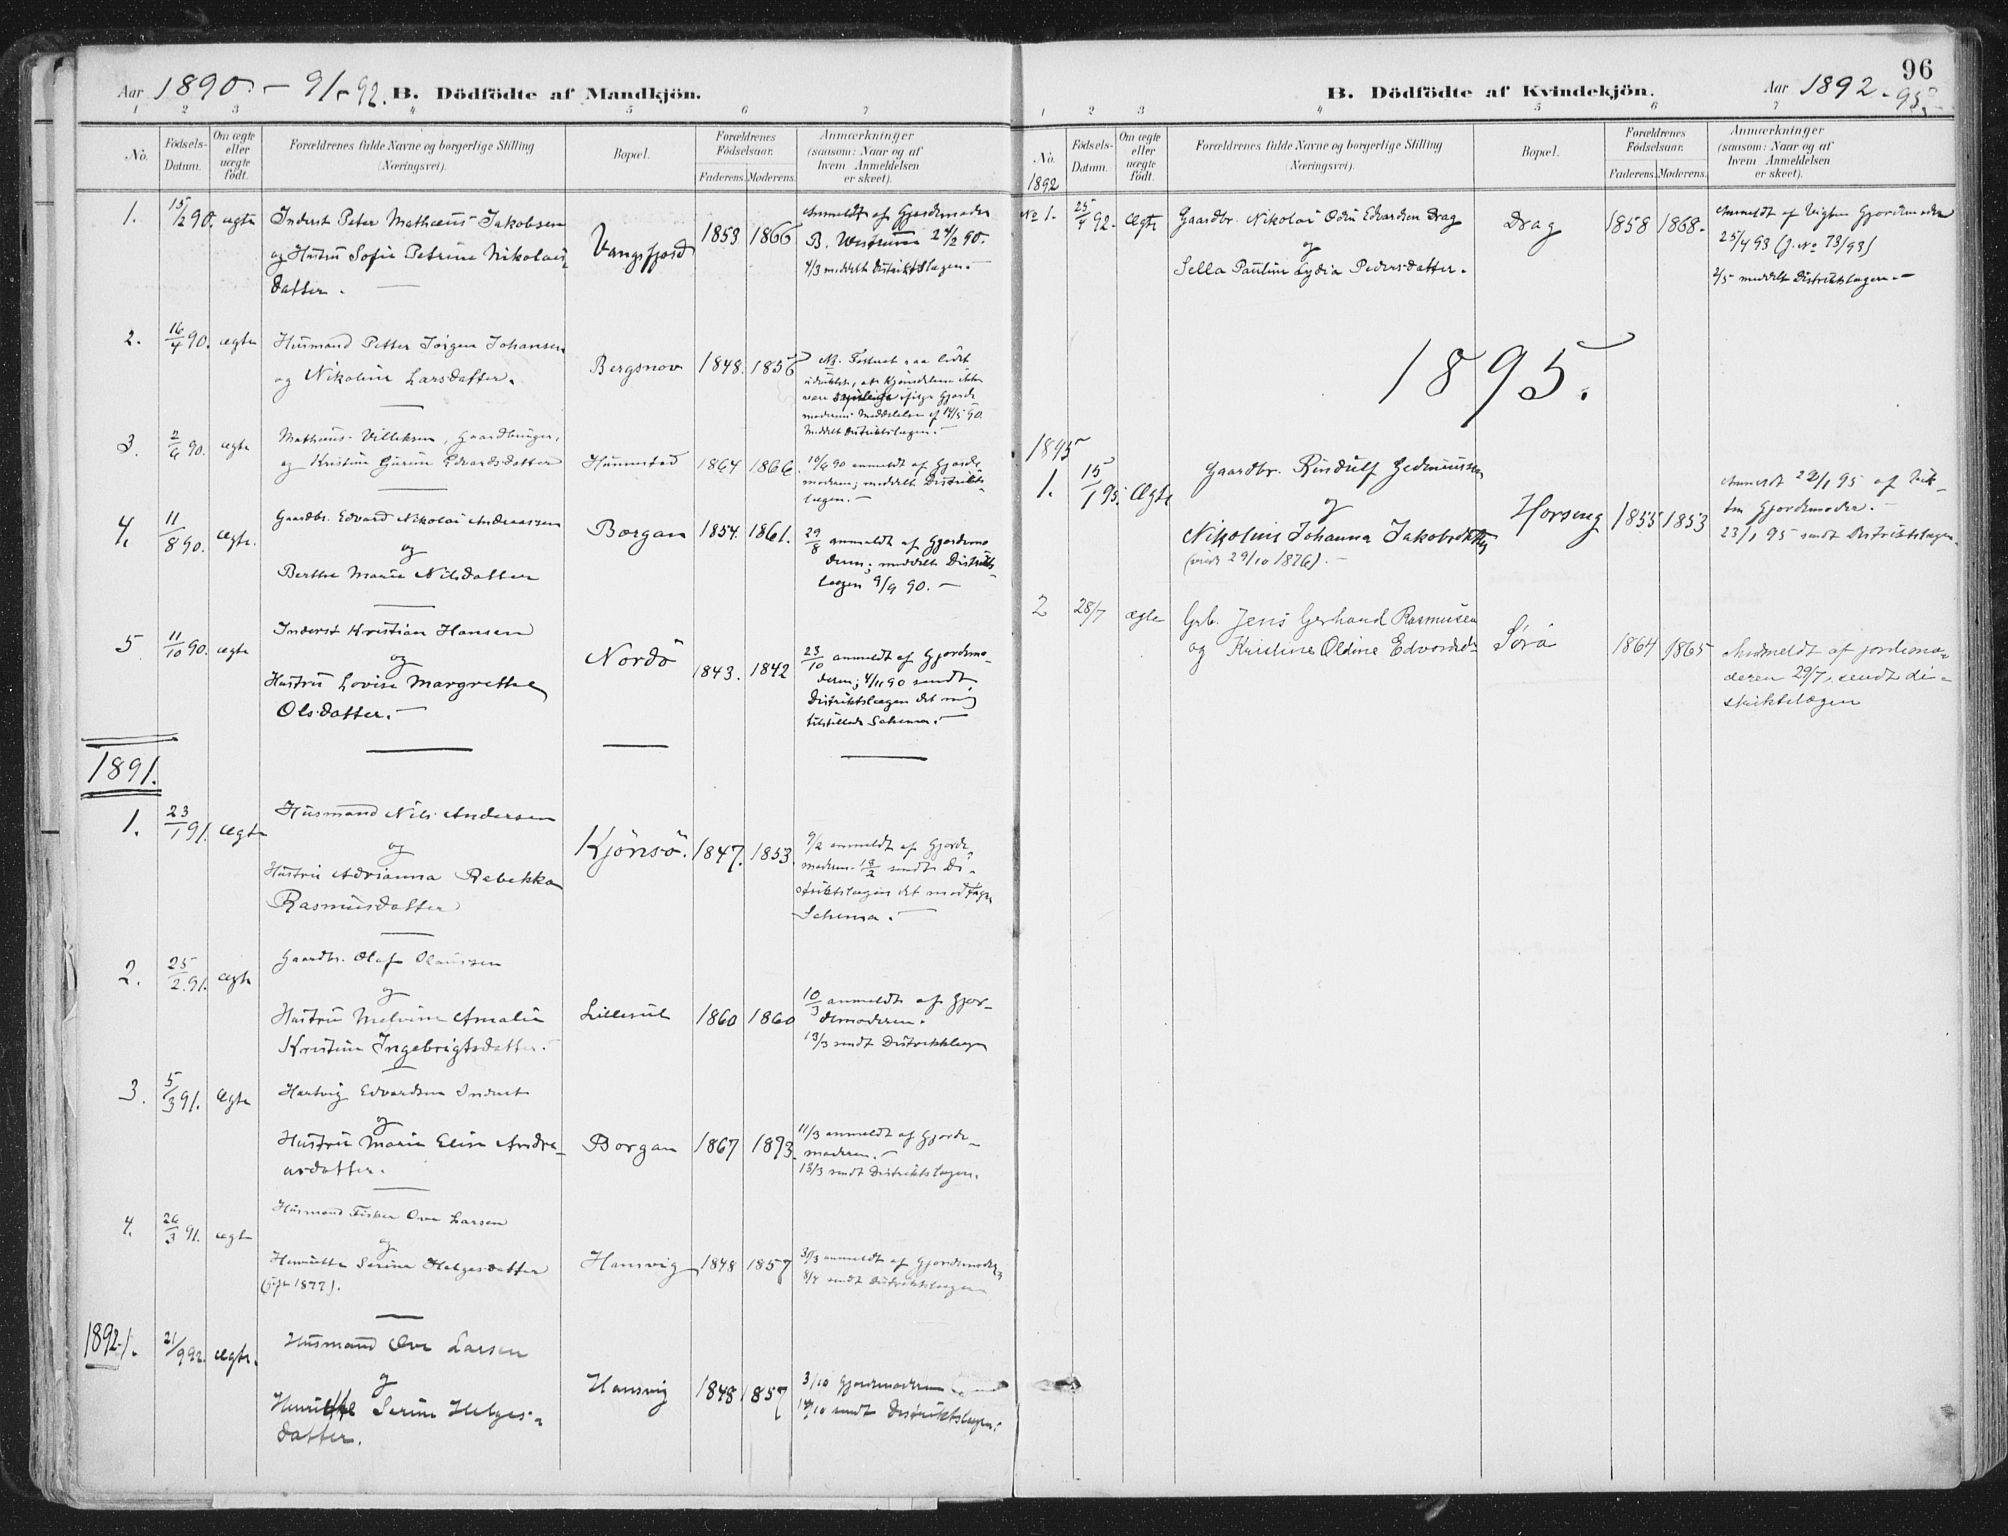 SAT, Ministerialprotokoller, klokkerbøker og fødselsregistre - Nord-Trøndelag, 786/L0687: Ministerialbok nr. 786A03, 1888-1898, s. 96